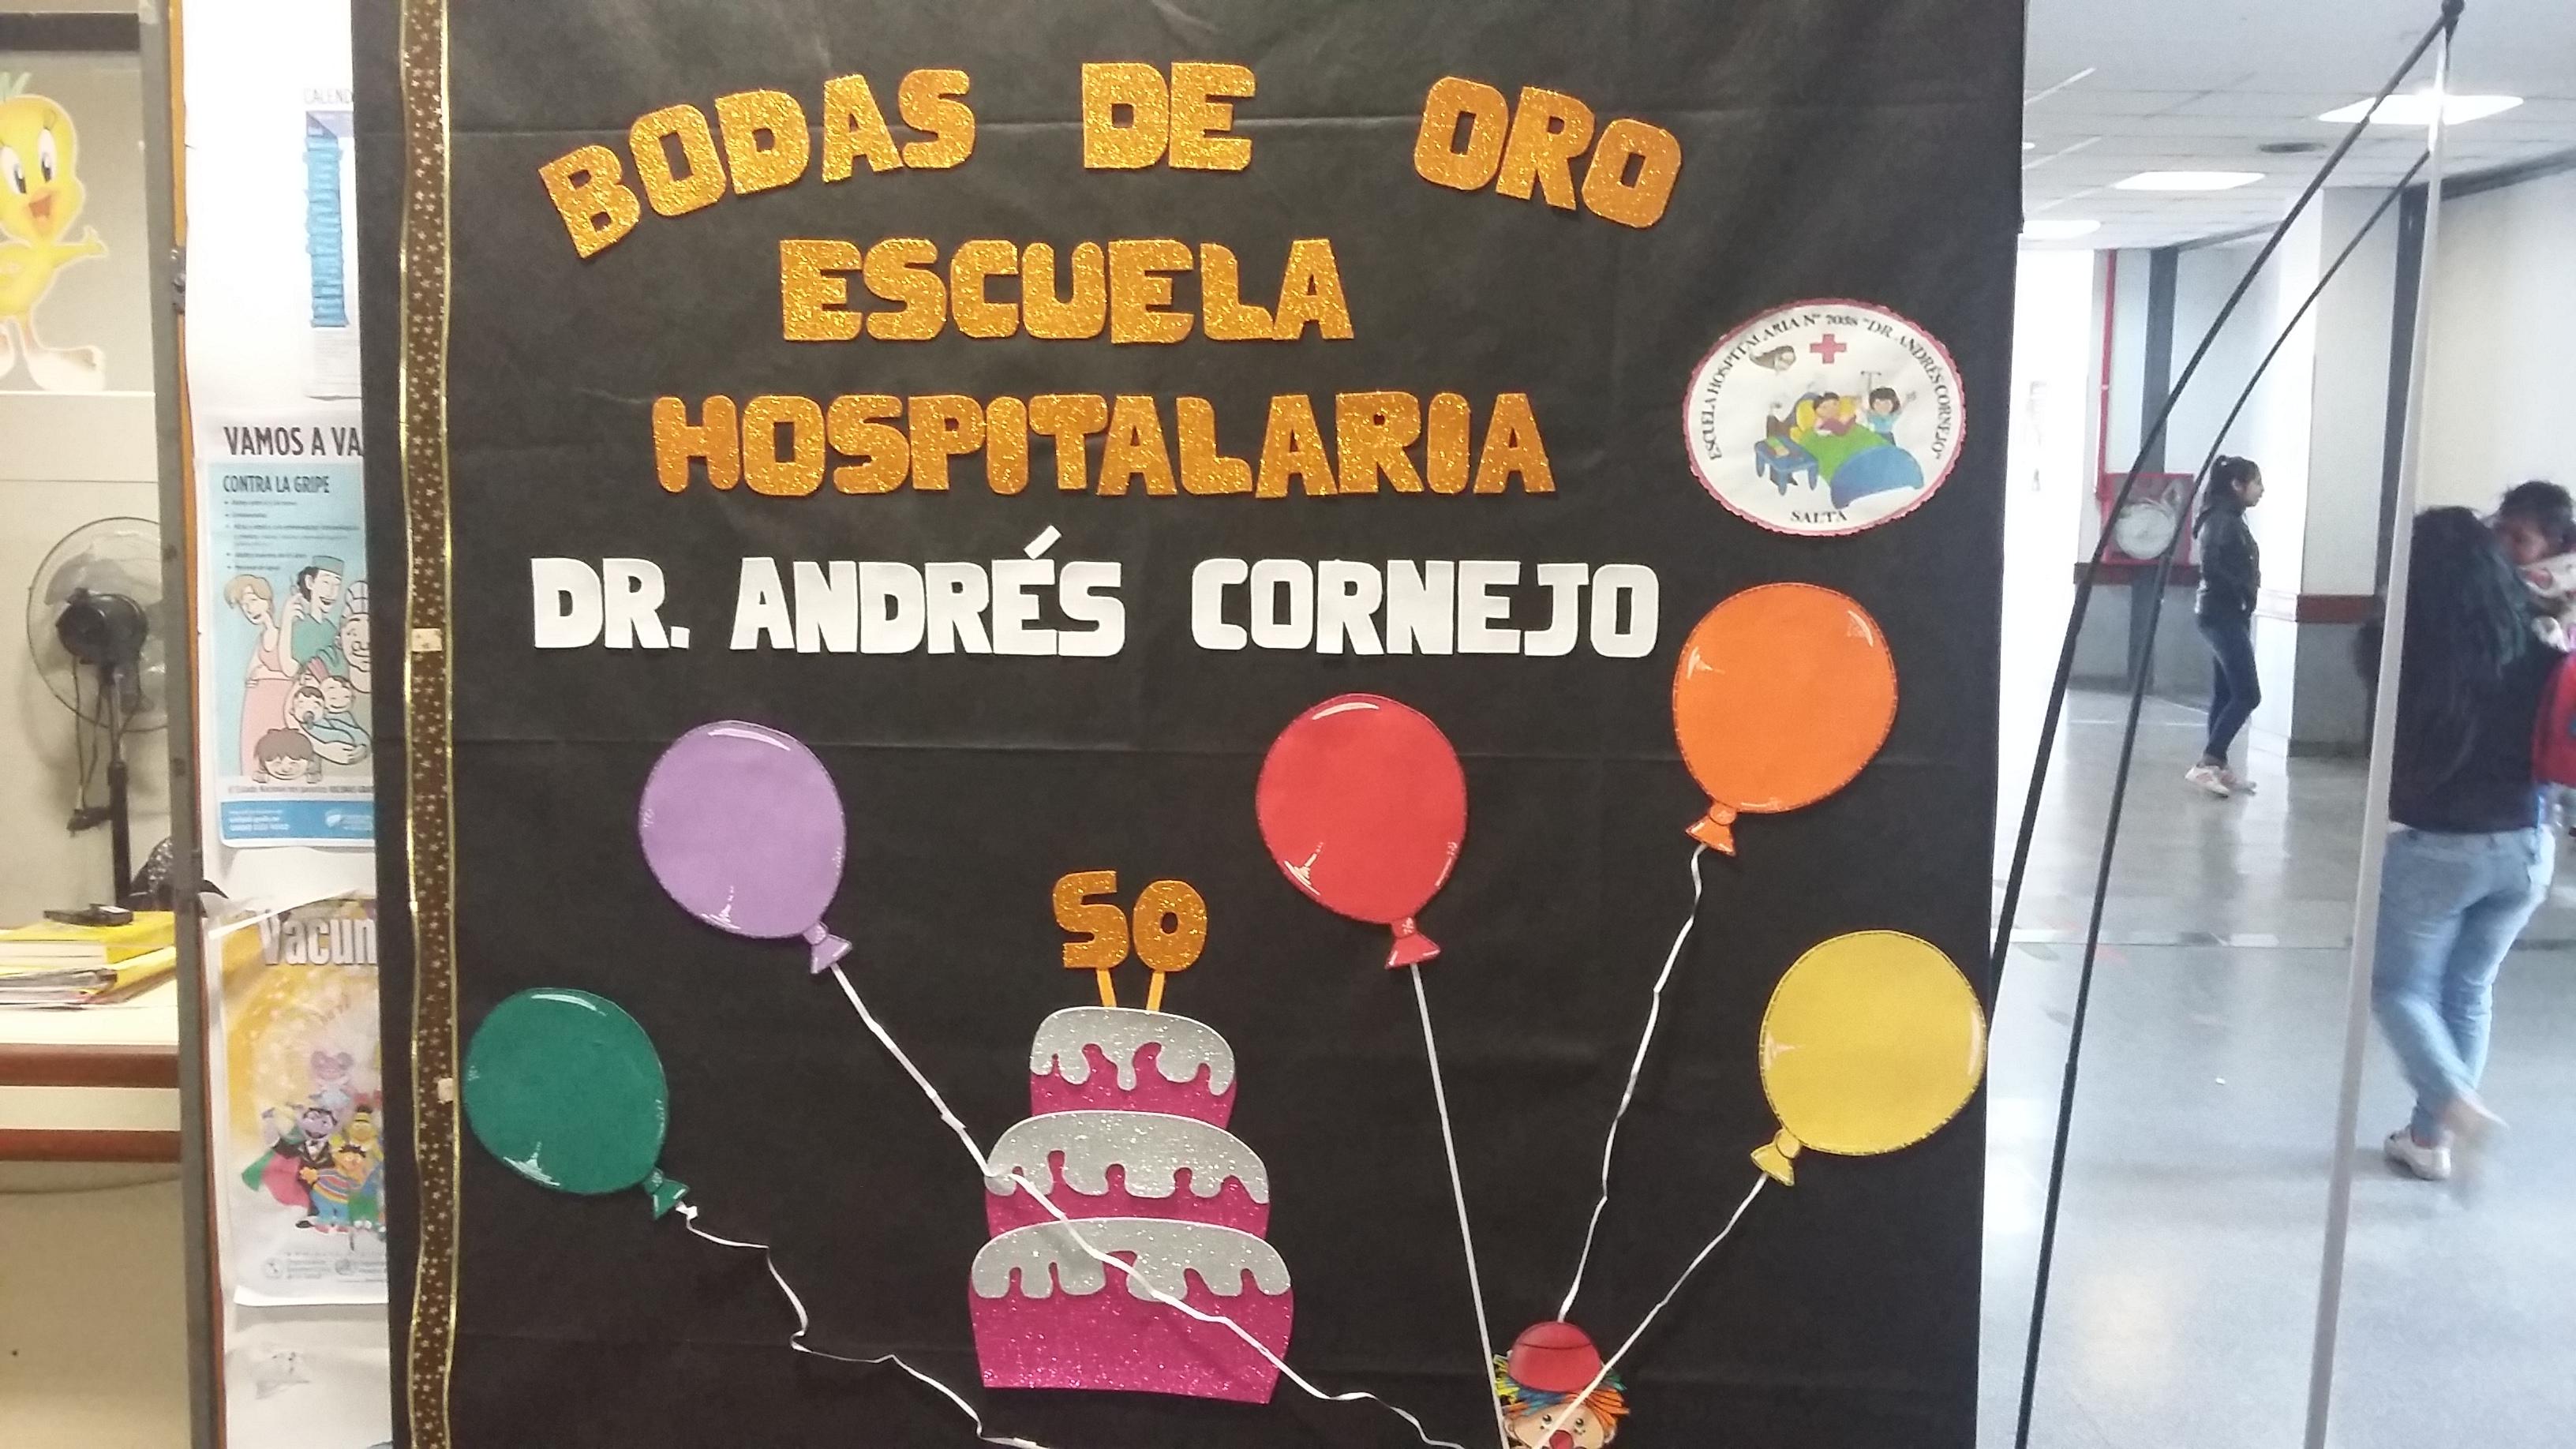 La Escuela Hospitalaria celebró 50 años de vida y servicio educativo en Salta